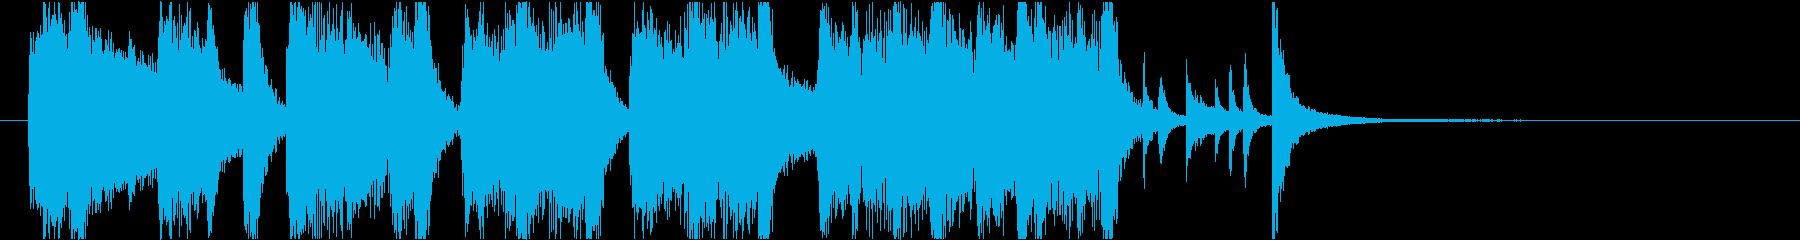 洗練された本格ビッグバンドジャズイントロの再生済みの波形